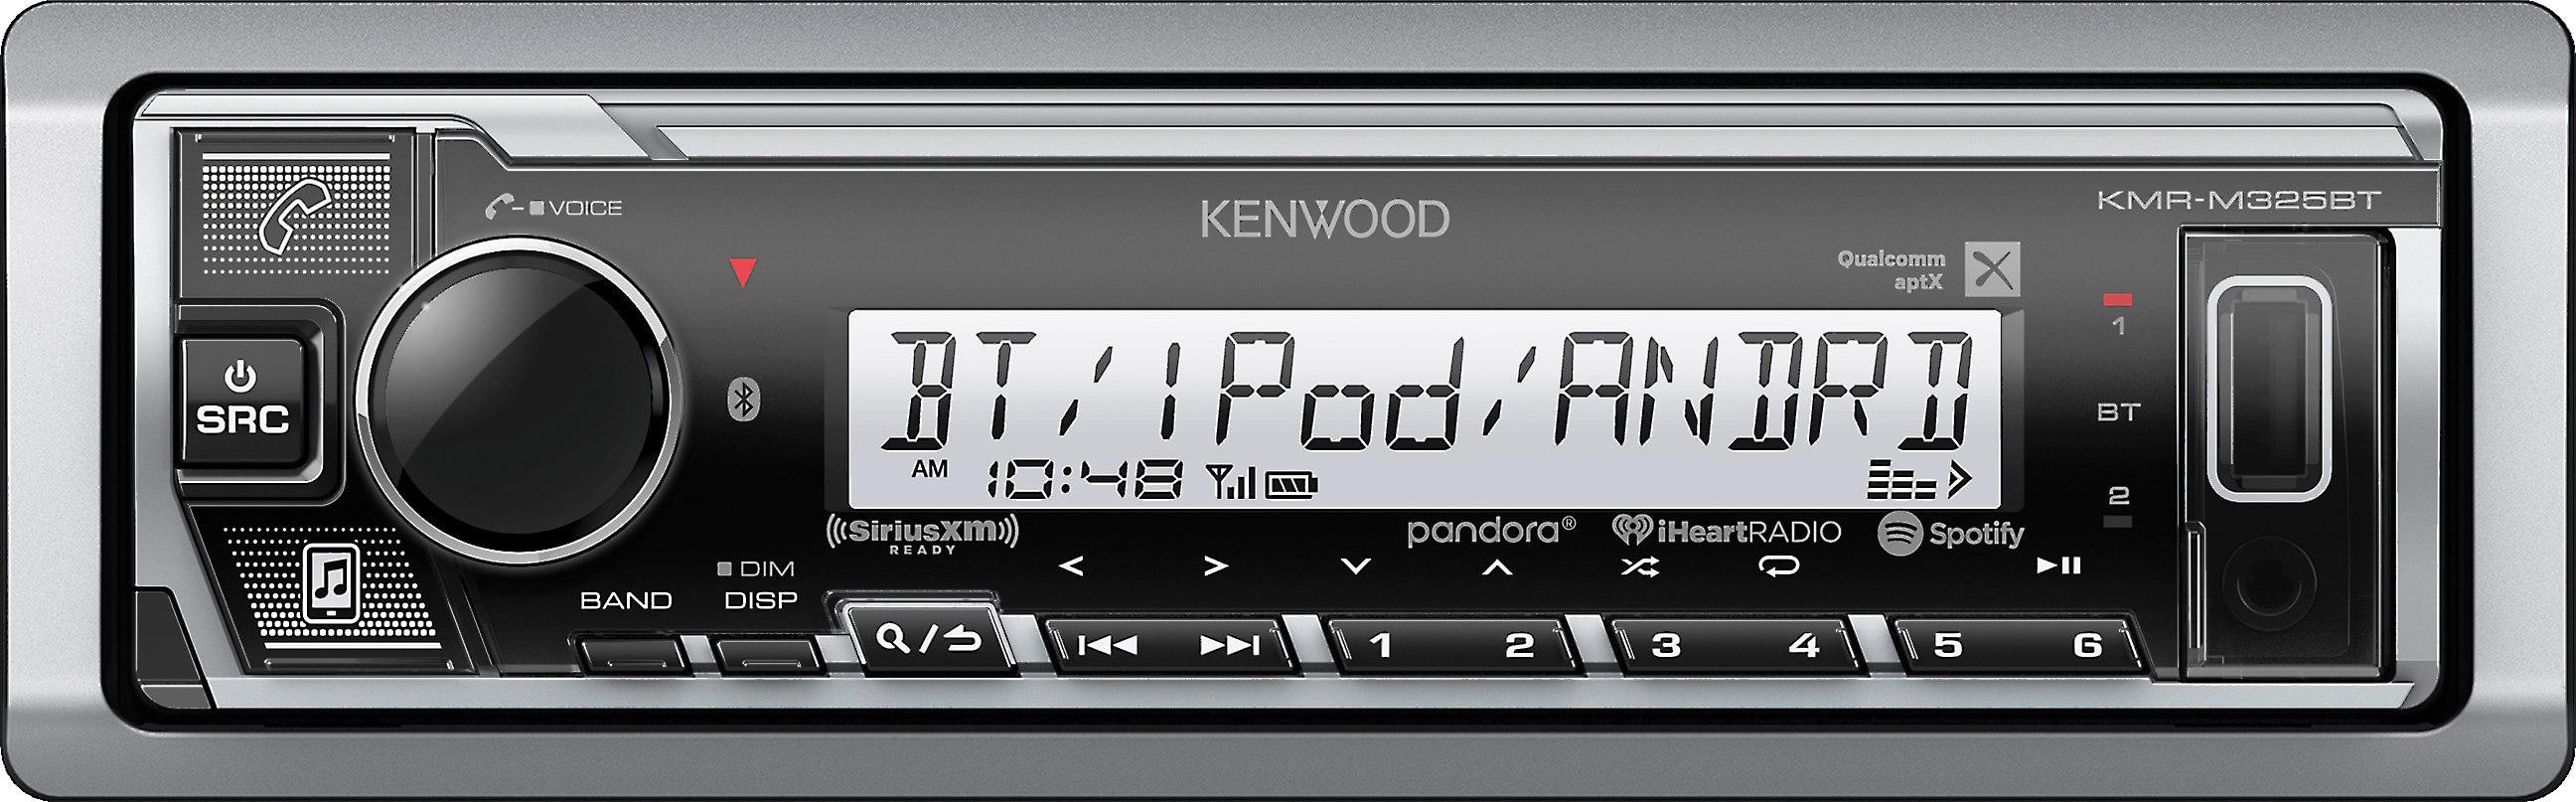 Kenwood KMR-M325BT